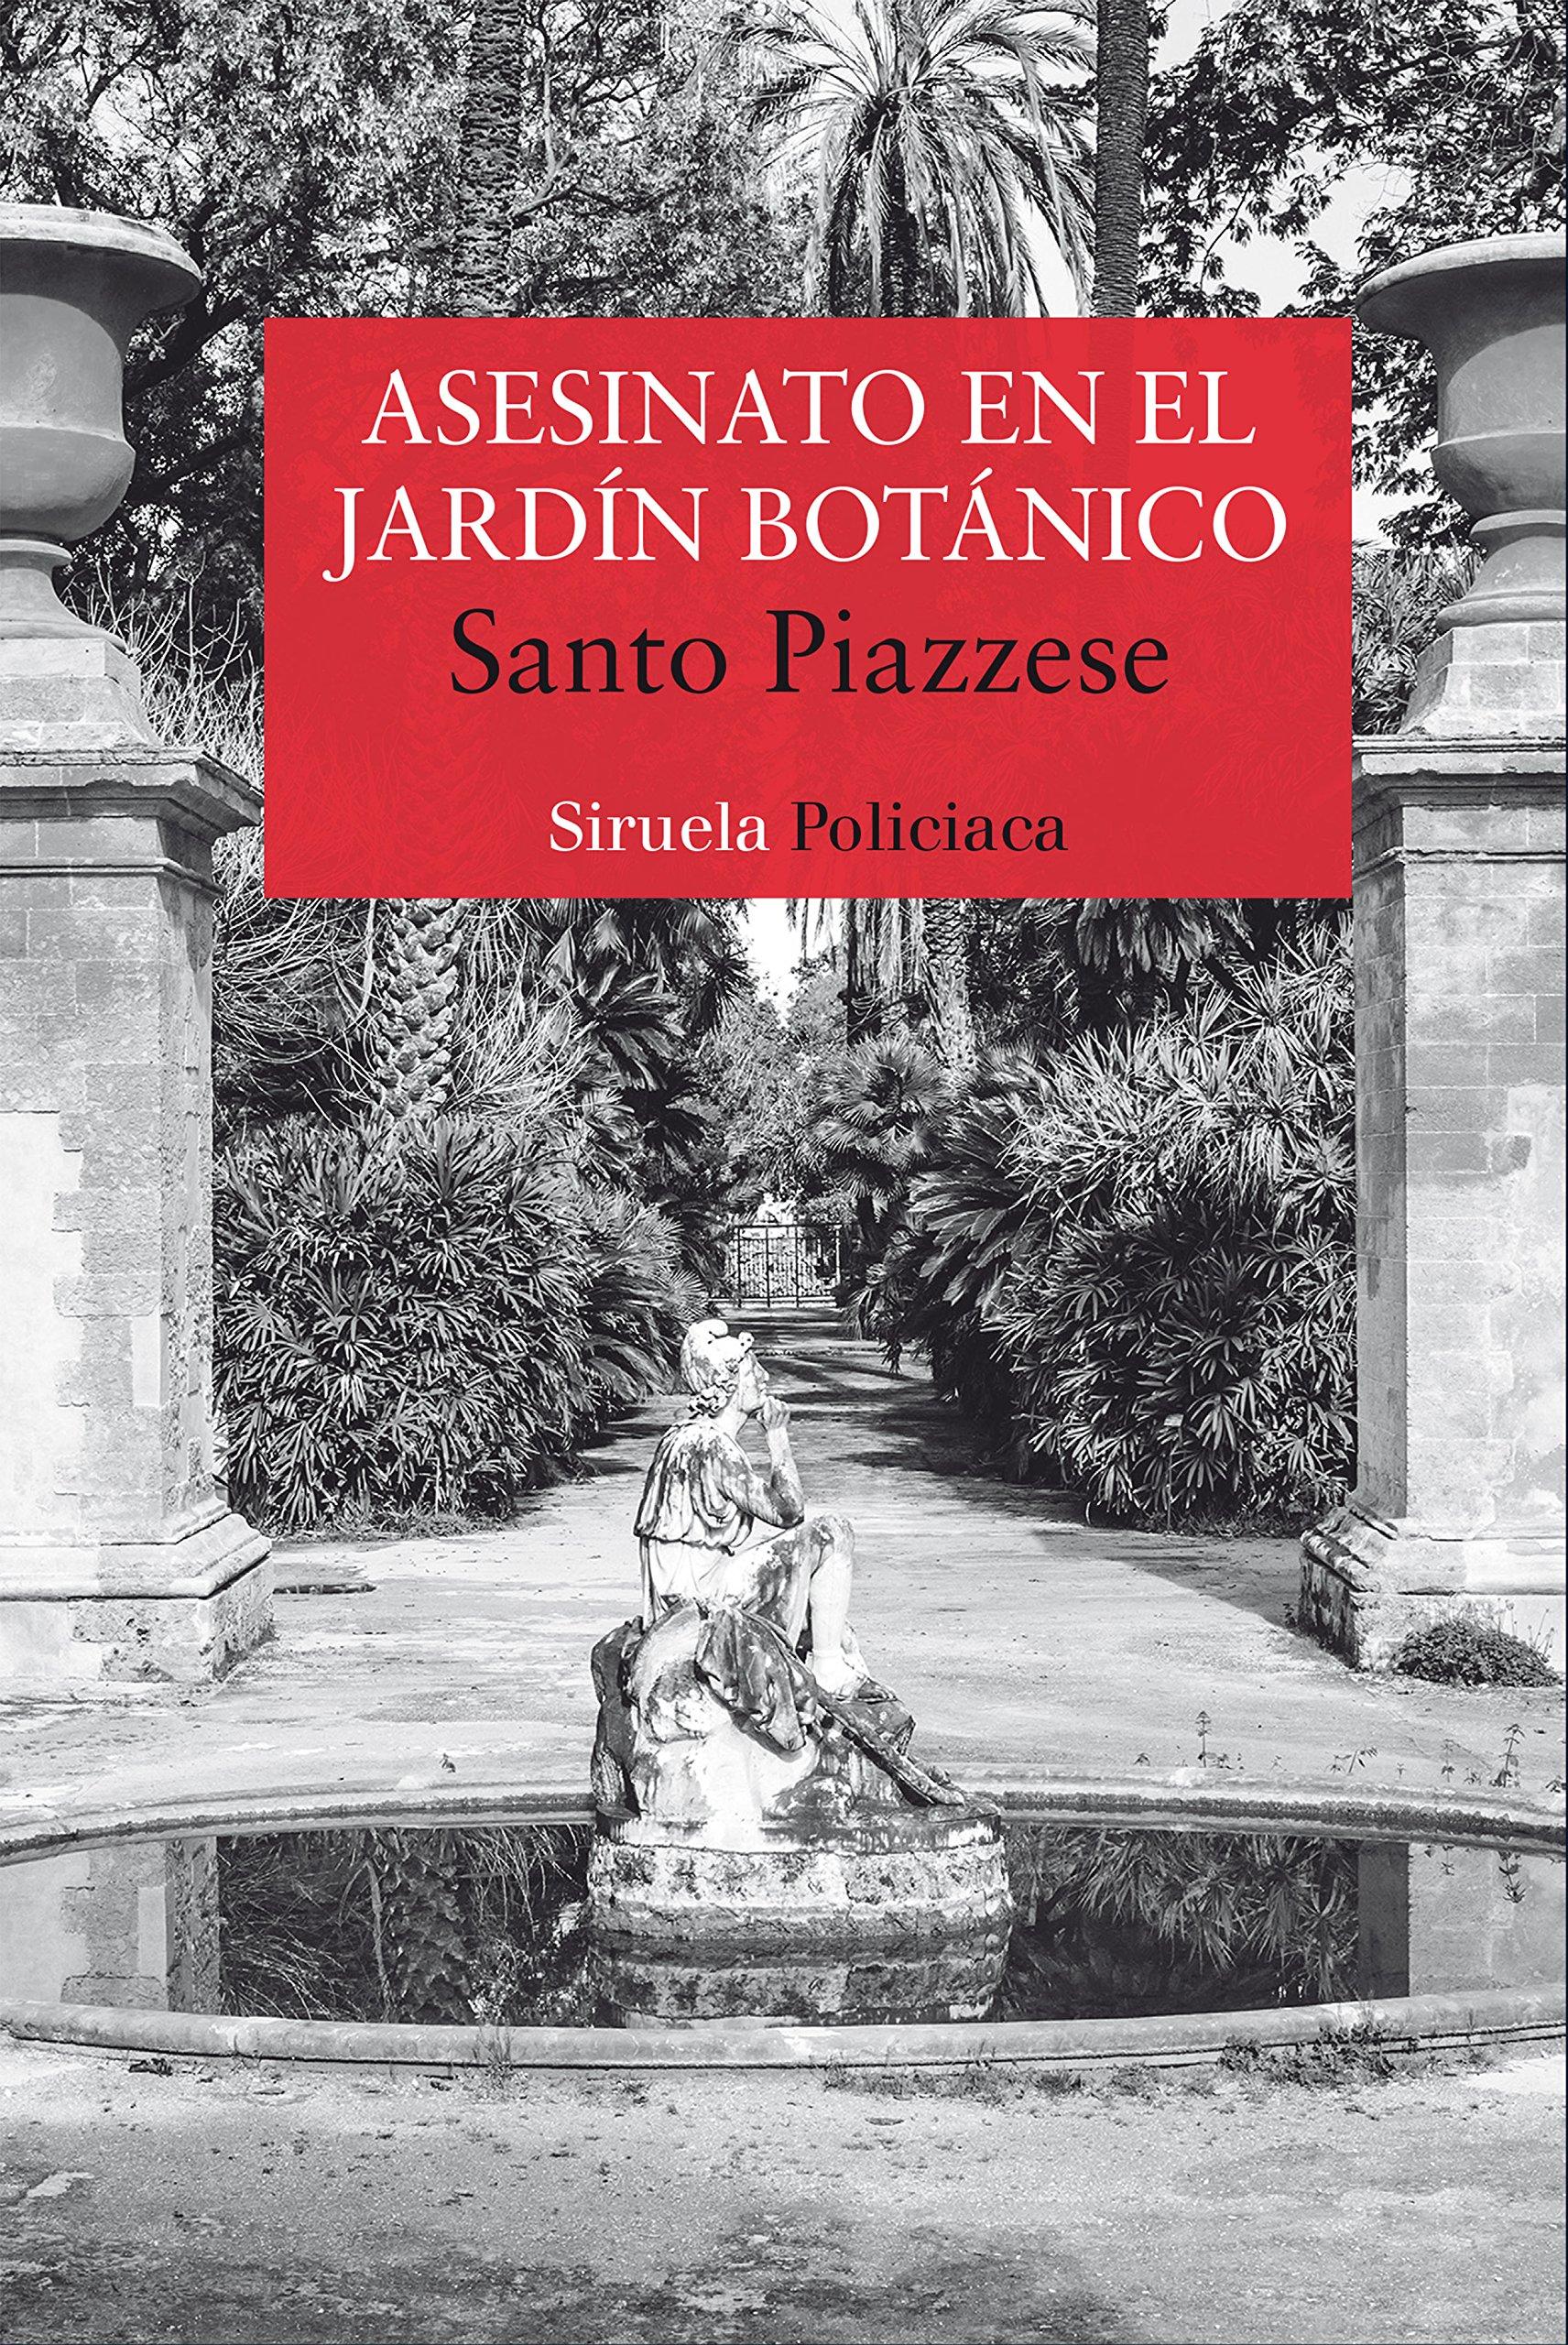 Asesinato en el Jardín Botánico: 366 (Nuevos Tiempos): Amazon.es: Piazzese, Santo, Linares, Pepa: Libros